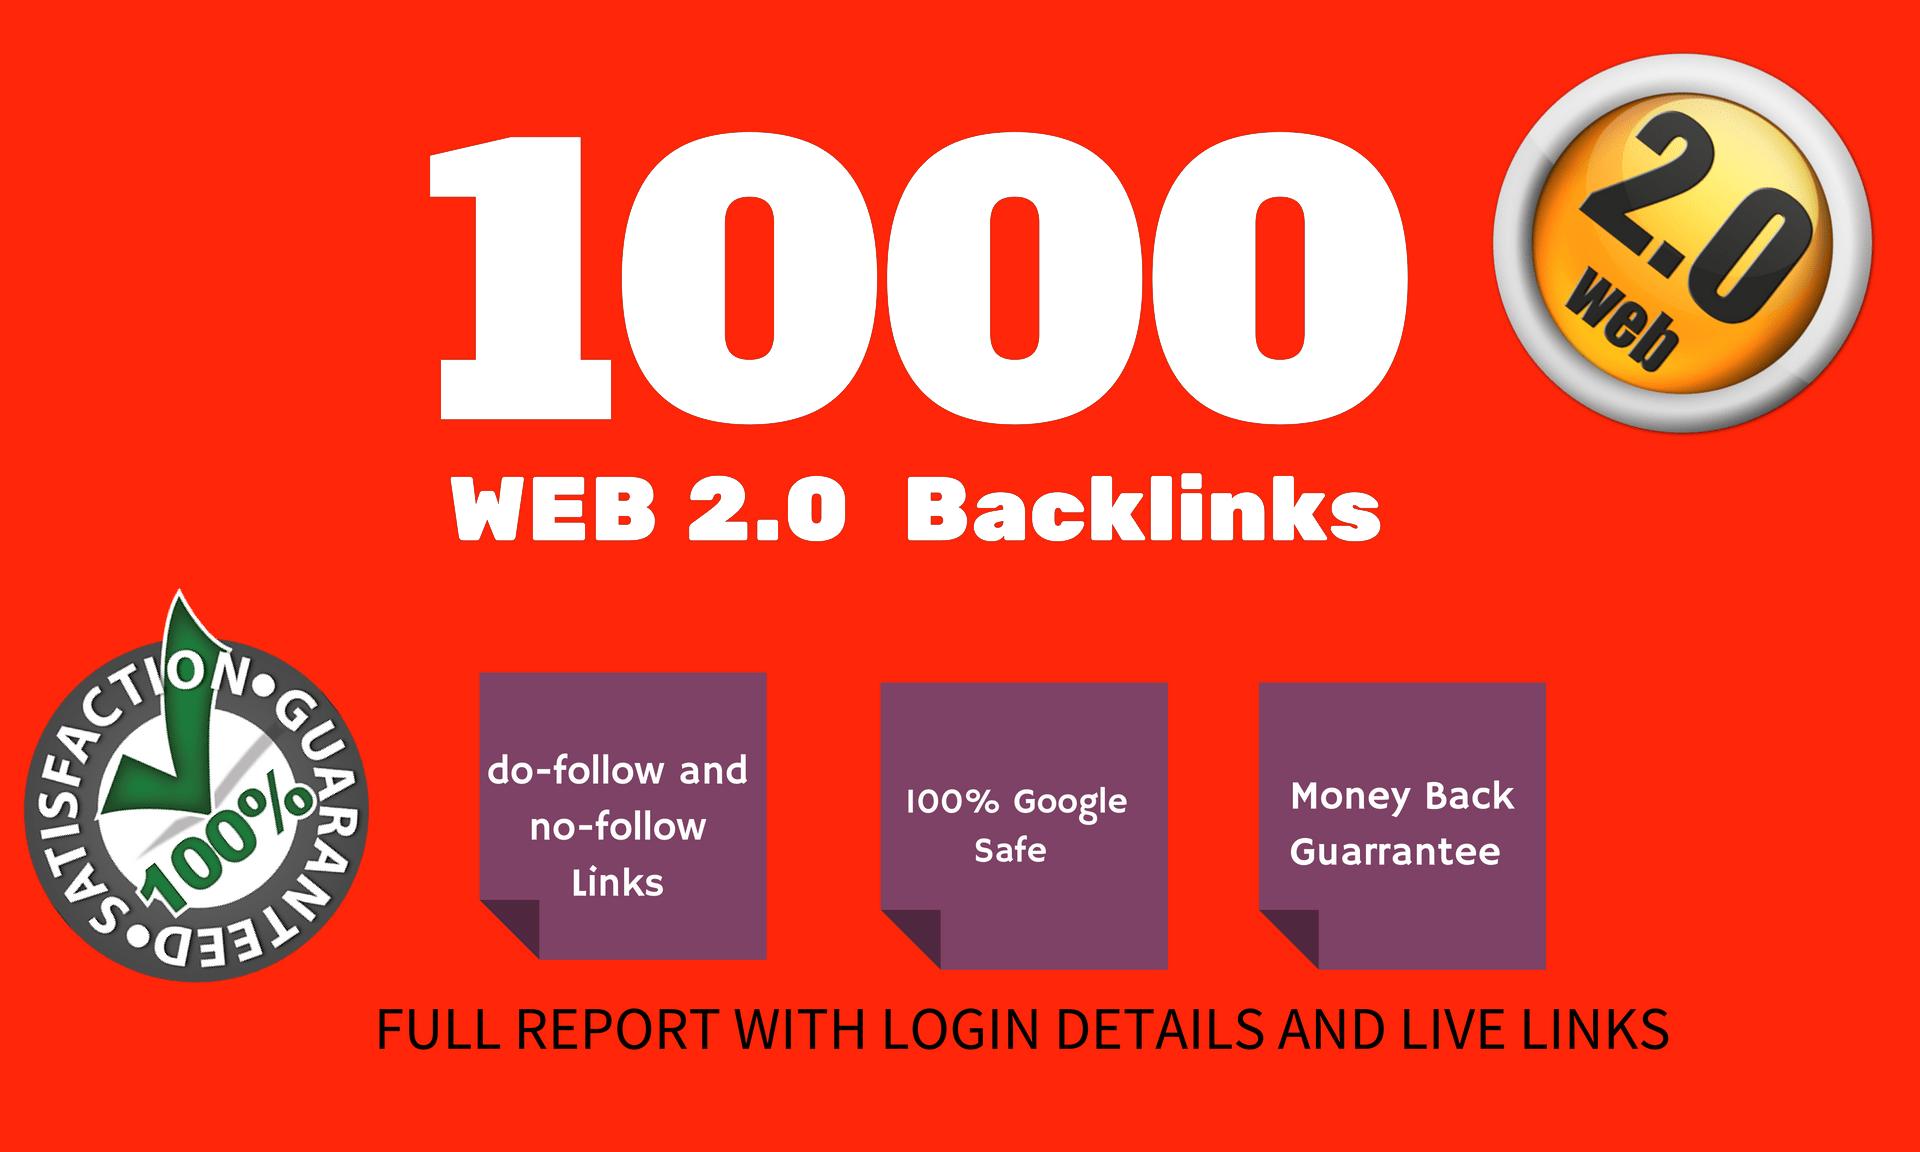 get 1000 Web 2.0 SEO High DA PA Backlinks